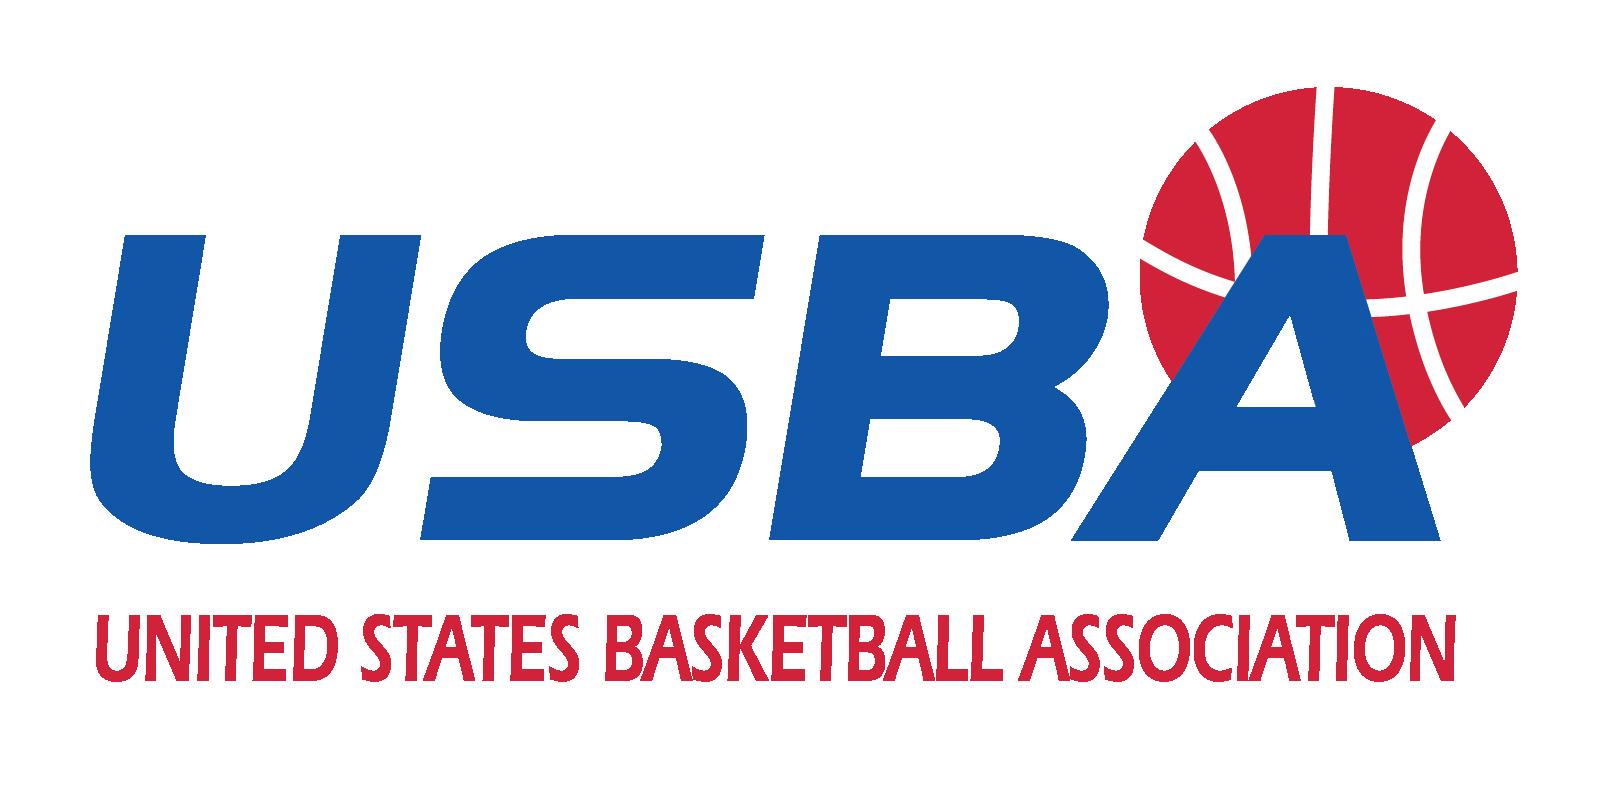 Usba Logo Tournaments Logos Sports Tournaments